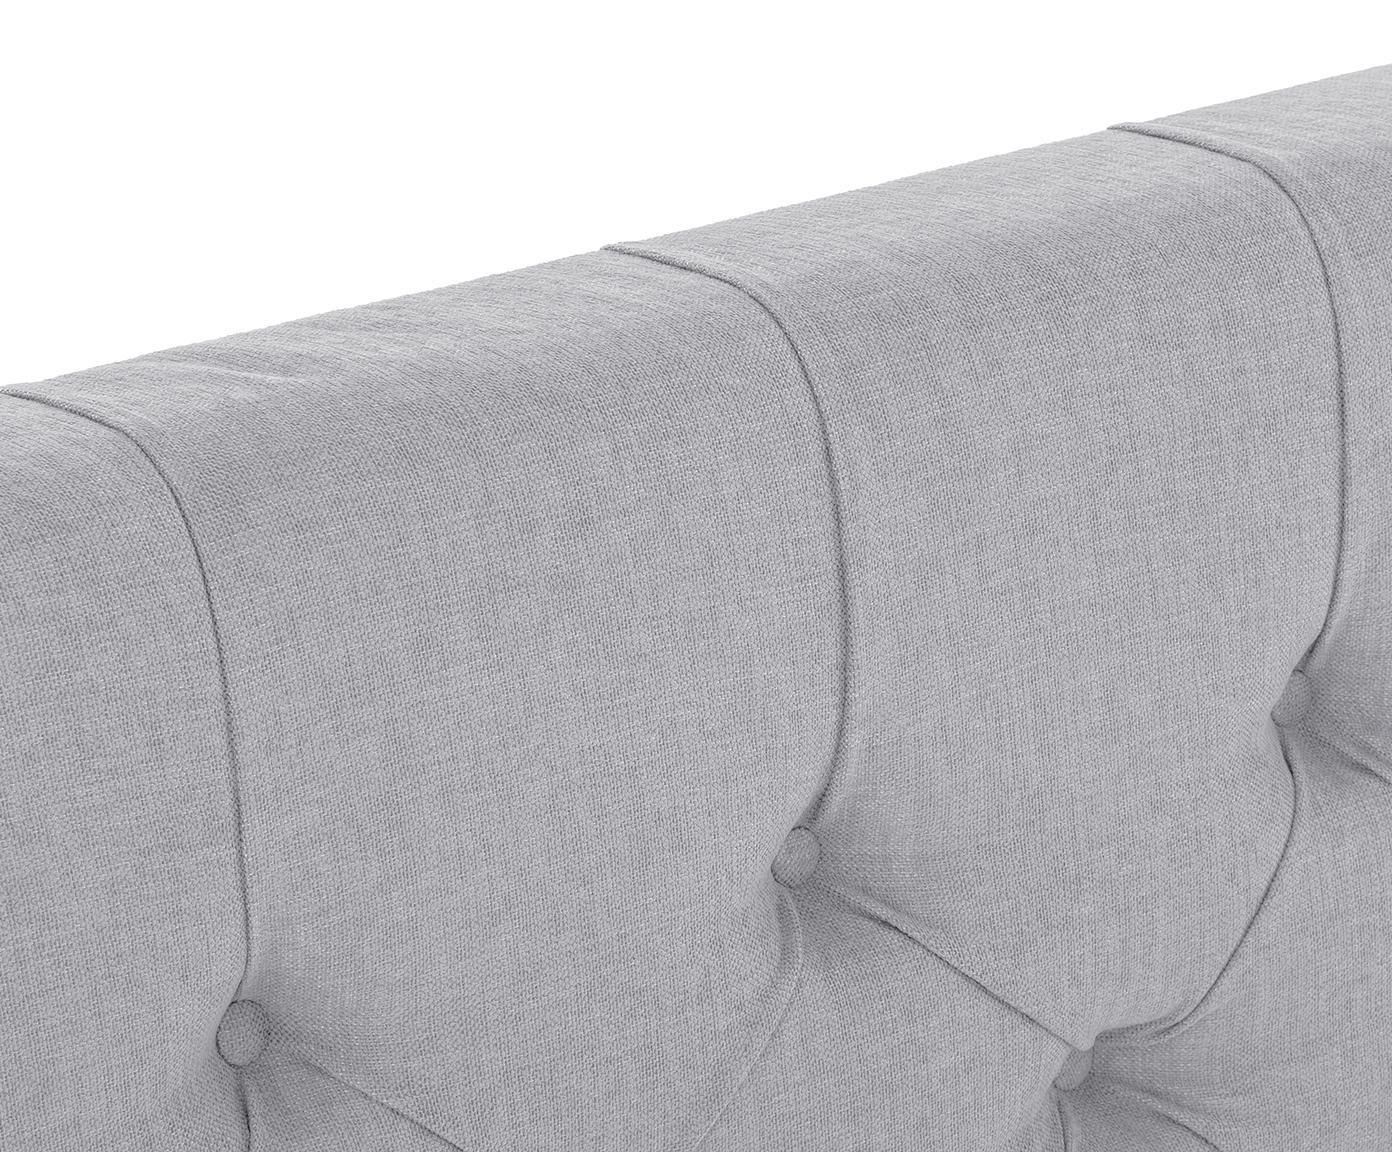 Łóżko kontynentalne premium Phoebe, Nogi: lite drewno bukowe, lakie, Szary, 200 x 200 cm